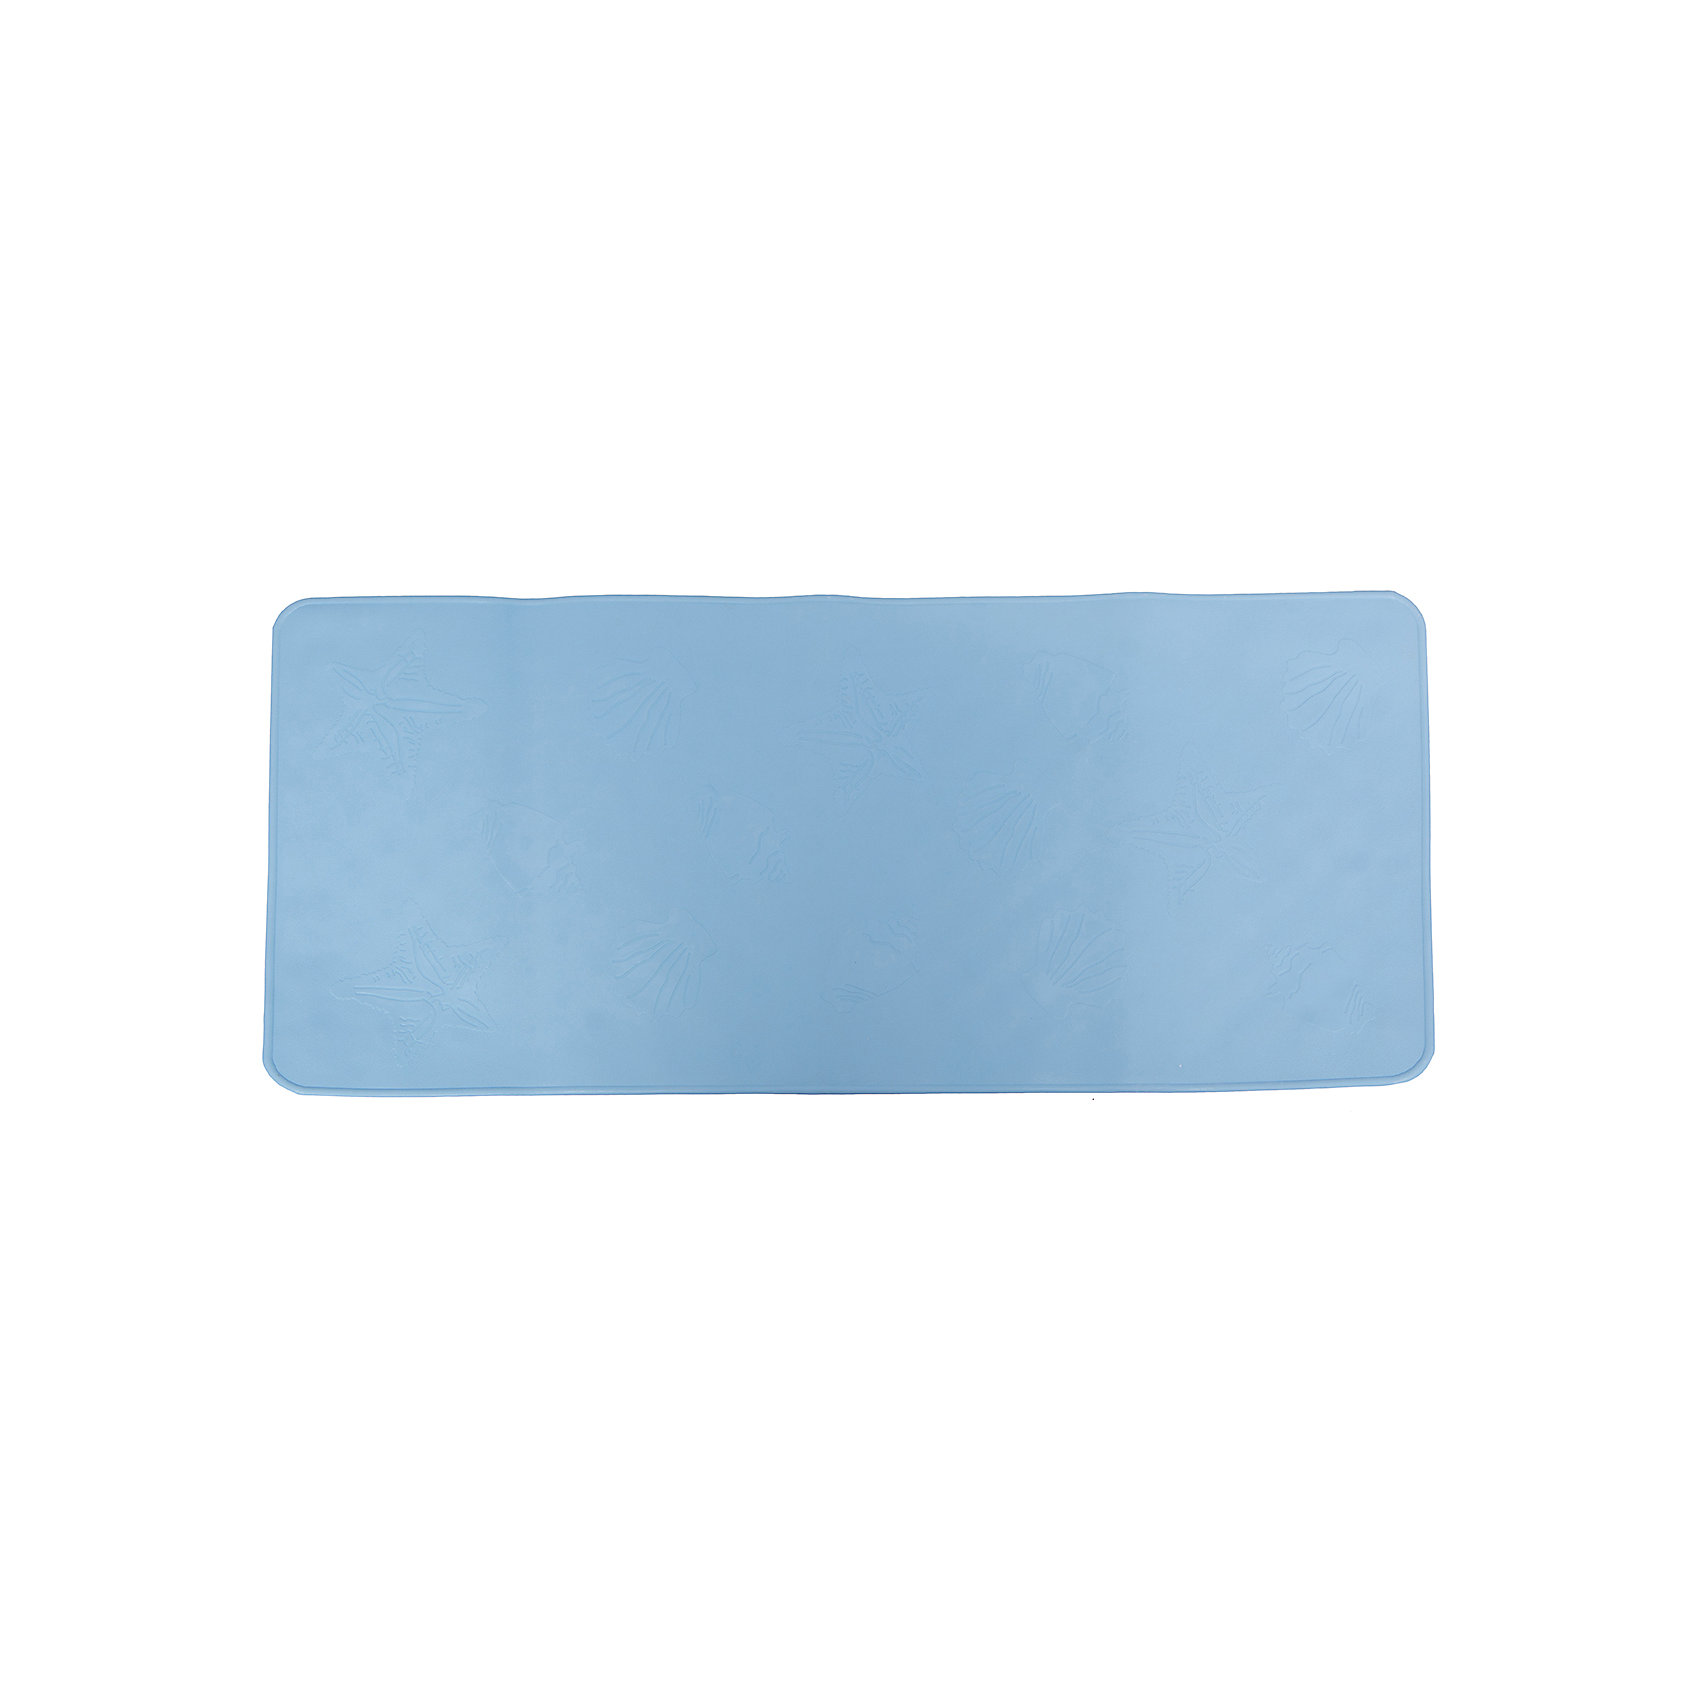 Антискользящий коврик для ванной, Roxy-Kids, голубойПрочие аксессуары<br>Антискользящий коврик для ванны, Roxy-Kids<br>Противоскользящие коврики для ванны созданы специально для детей и призваны обеспечить комфортное и безопасное купание малышей в ванне. Они обладают целым рядом важных преимуществ:<br>- мягкие присоски надежно прикрепляют коврик ко дну ванны и не дают ему скользить по ванне, как бы активно ни двигался малыш; <br>- специальное покрытие препятствует скольжению ног или тела ребенка по коврику; <br>- поверхность коврика имеет рельефные элементы, обеспечивающие массажные функции, благодаря которым, купание малыша в ванне станет не только простым и безопасным, но еще и полезным.<br>Дополнительная информация:<br>- размеры 34х74 см.;<br>- сделаны из 100% натуральной резины без применения токсичного сырья.<br><br>Антискользящий  коврик для ванны можно купить в нашем интернет-магазине.<br><br>Ширина мм: 340<br>Глубина мм: 740<br>Высота мм: 10<br>Вес г: 300<br>Цвет: голубой<br>Возраст от месяцев: 6<br>Возраст до месяцев: 84<br>Пол: Унисекс<br>Возраст: Детский<br>SKU: 3406185